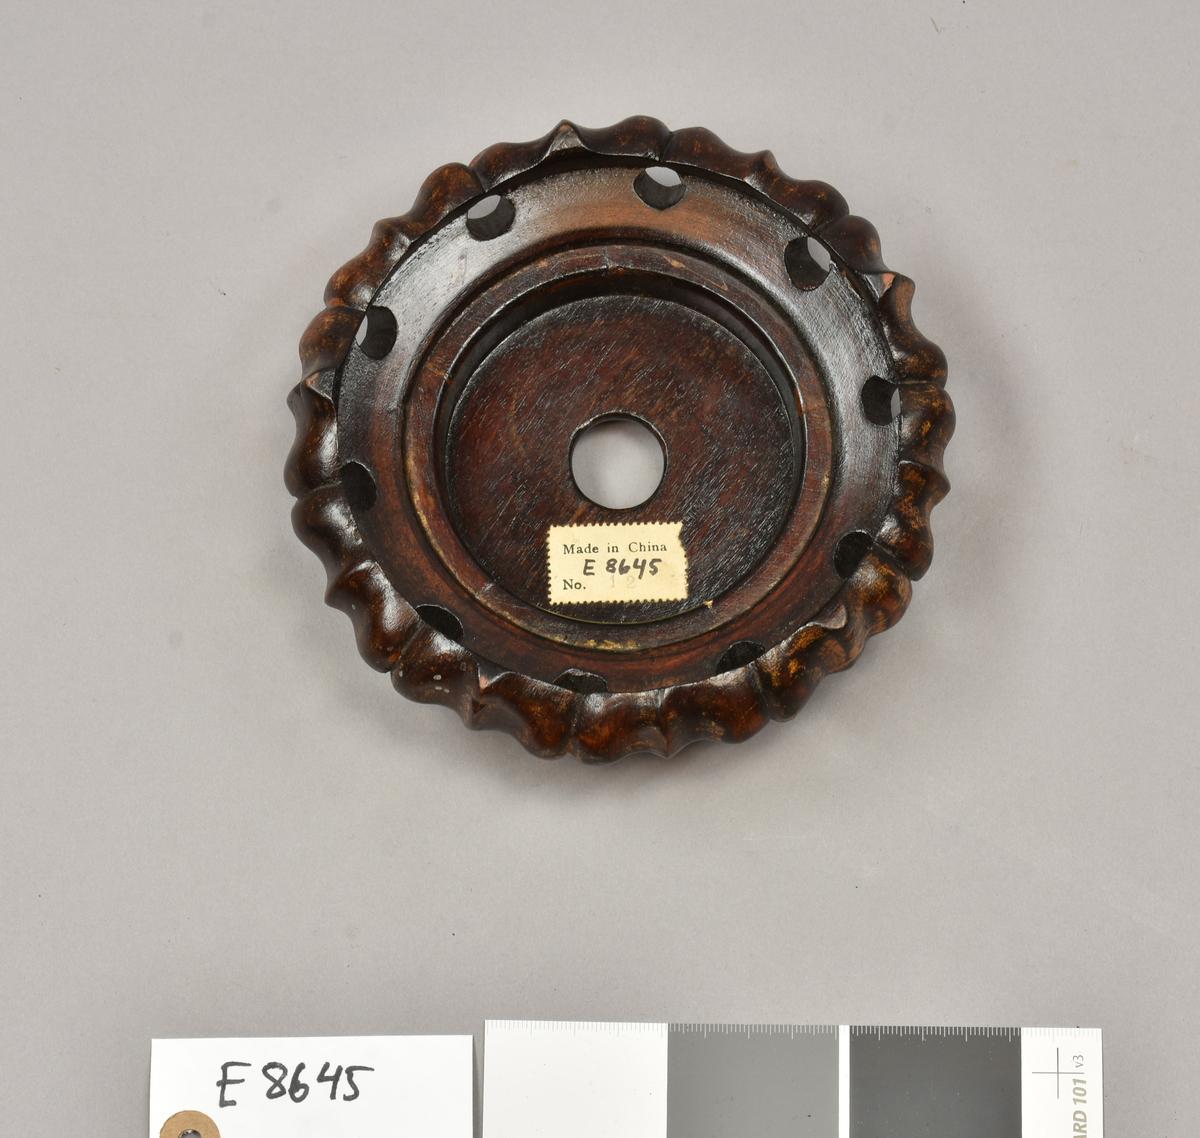 """E 8645 Fra protokollen: """" Sokkel av tre, rund. D: 15,6 cm, H: 5,1 cm. Kina, Øst-Asia. Sokkelen er lakkert brun. I bunnen er det risset inn """"CHINA"""", i tillegg til at den har et hull gjennom senter. Den er også merket med en papirlapp med teksten """"Made in China"""", gjenstandsnummeret og """"No. 12"""". På utsiden er det utskjærte blader, med runde hull mellom."""""""